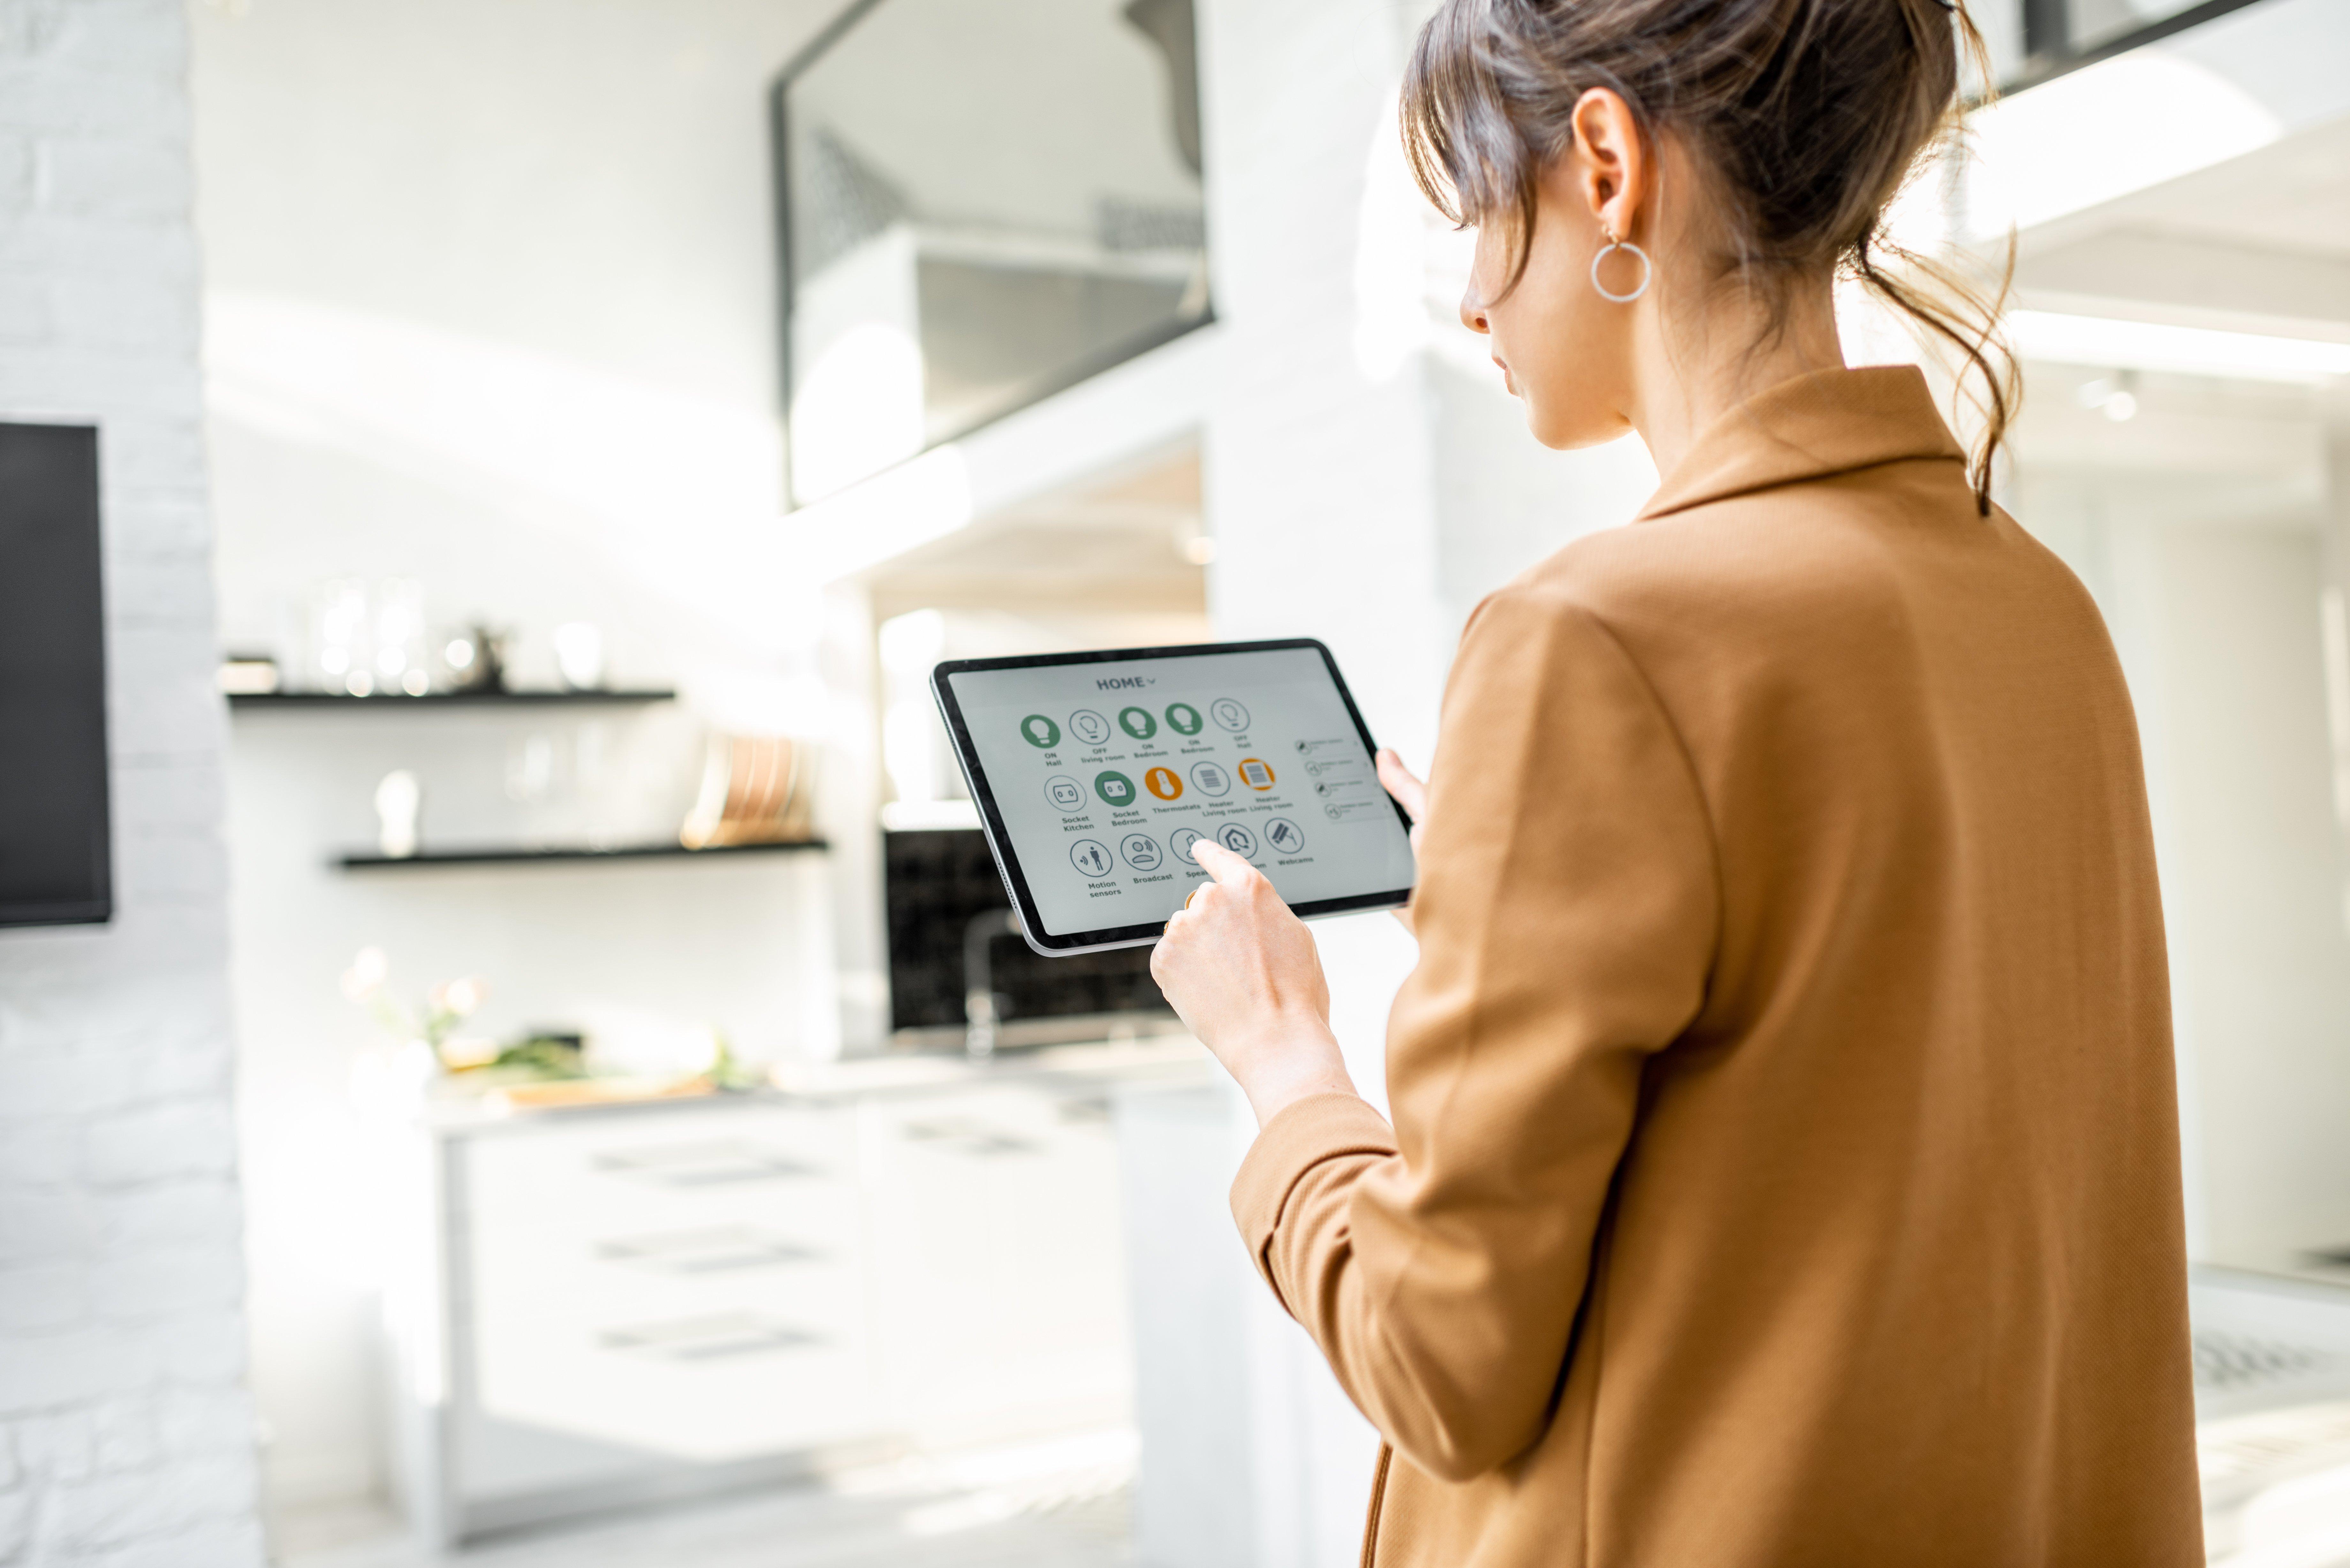 Woman using smart doorbell interface